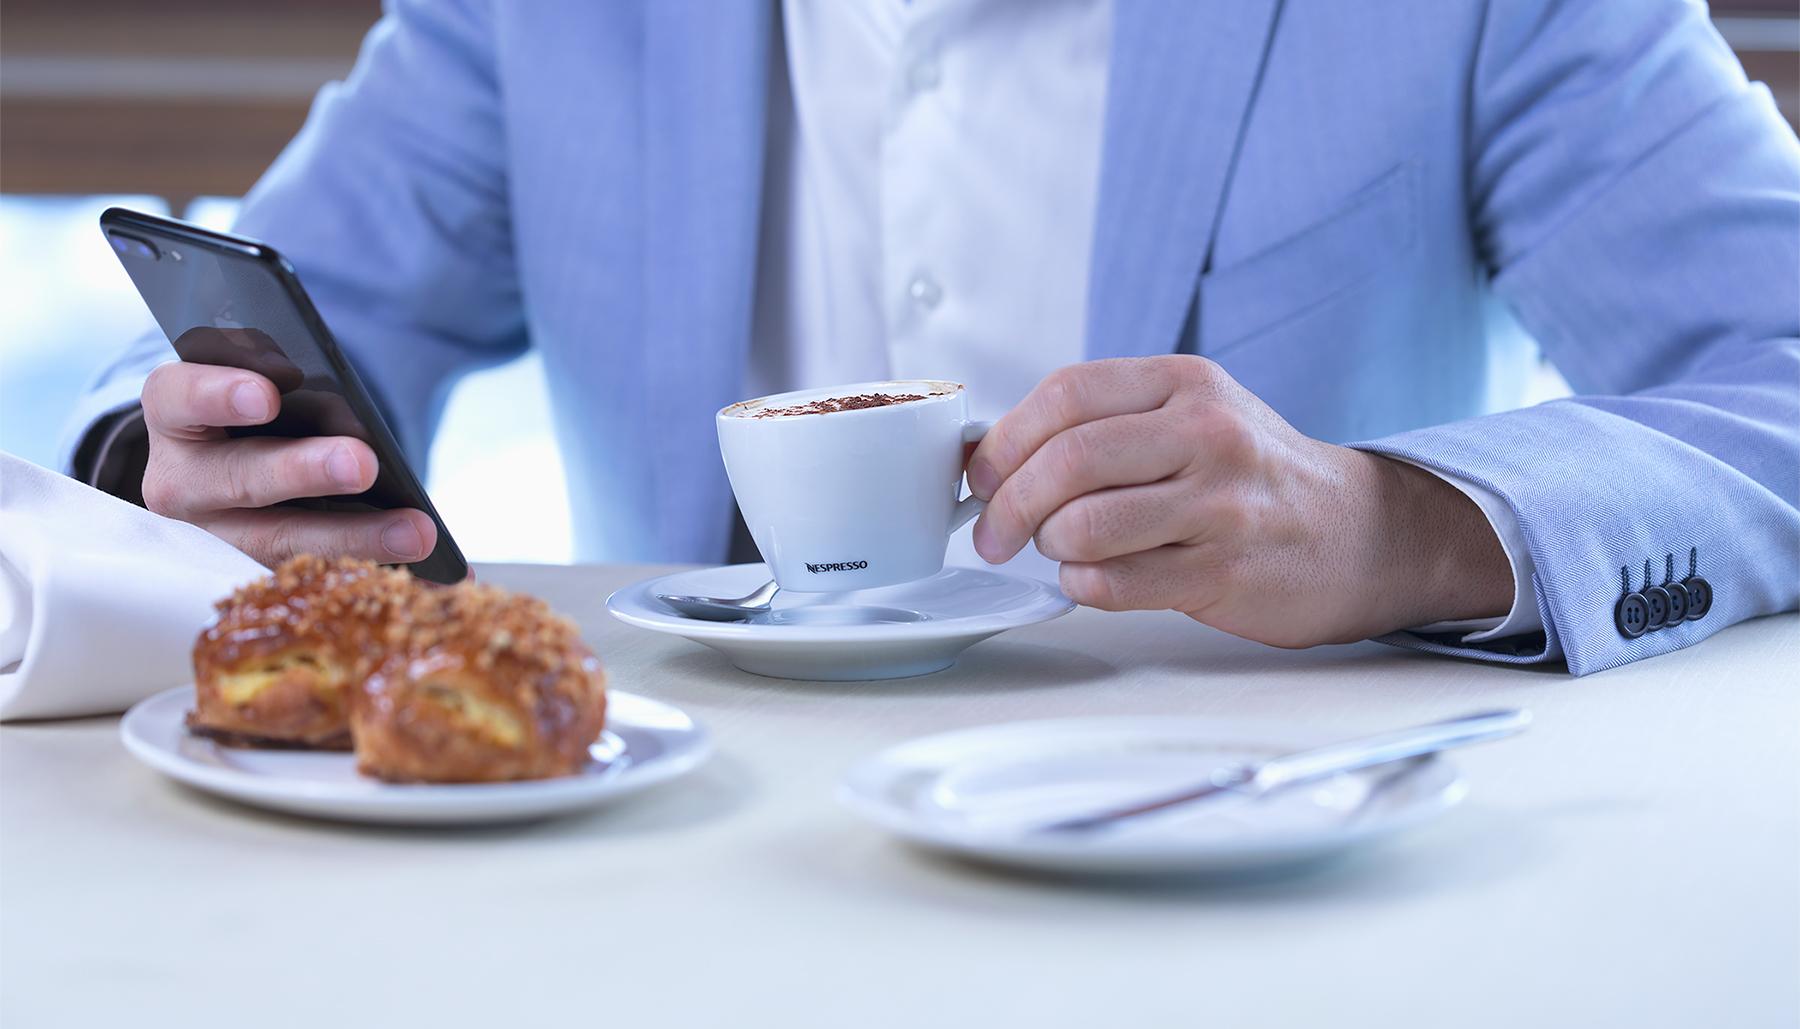 Nespresso-Nestle-taza-cafe-coffee-cup-capuccino-El-Higueron-Restaurante-Bar-fuengirola-Sr-Erreka-films-photo-malaga-madrid-spain-commercial-photographer-fotografia-publicidad-contenidos-de-marca-diego-erreka-2100-1200.jpg